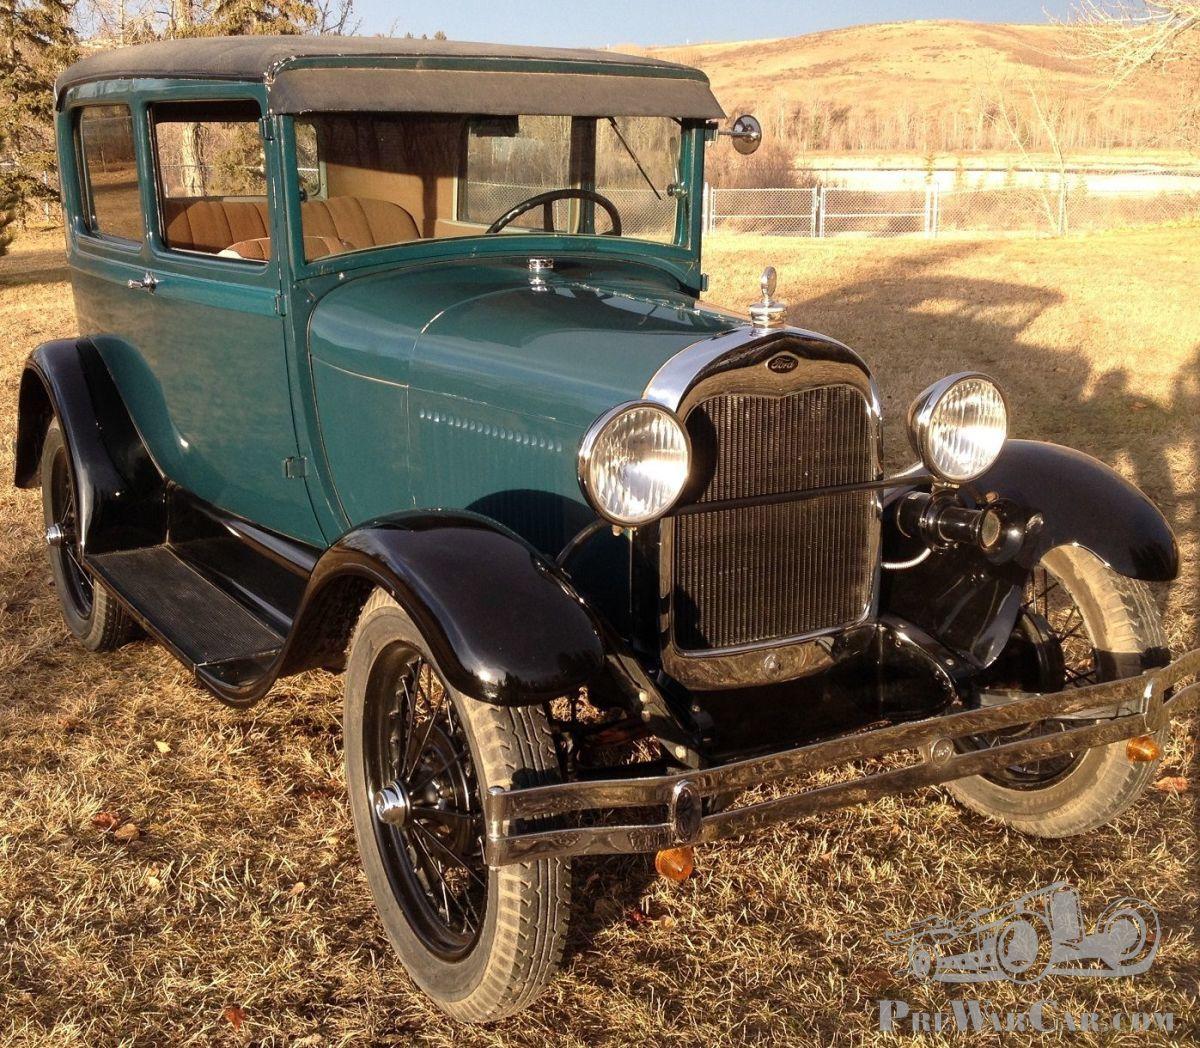 Car Ford Ford Model A Tudor 2 Dr Sedan 1928 For Sale Prewarcar